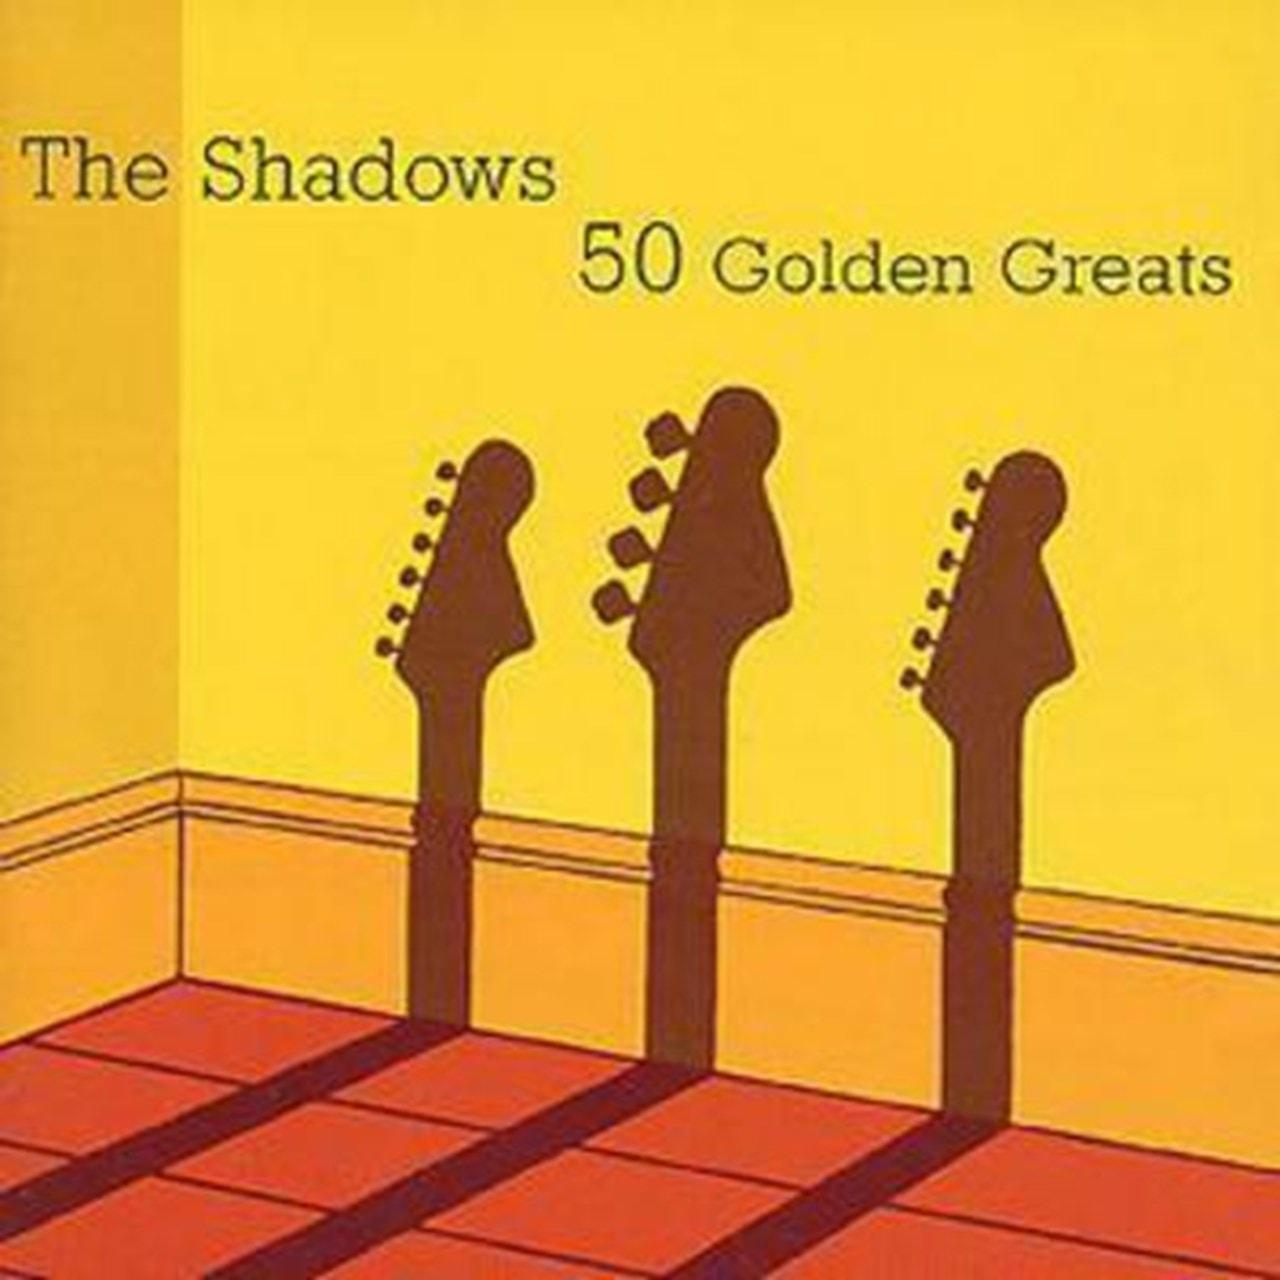 50 Golden Greats - 1